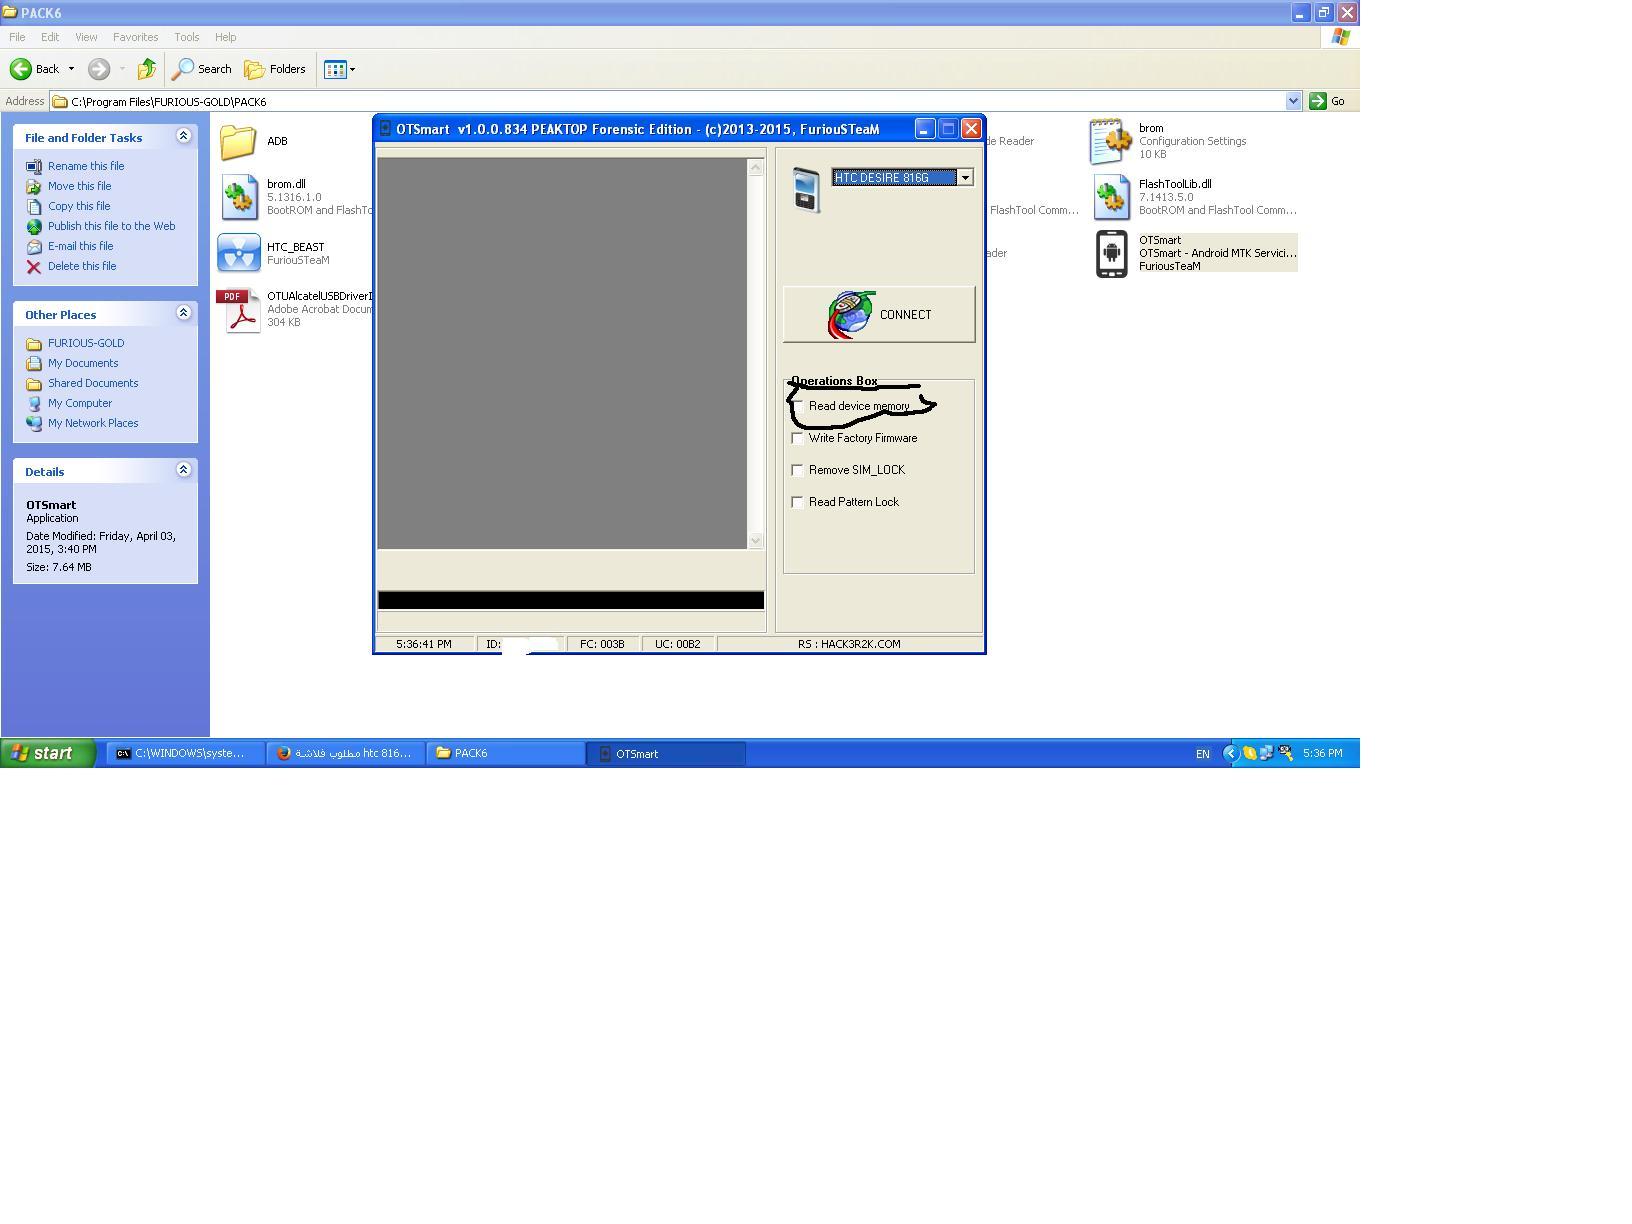 مطلوب فلاشة htc 816g MT6592 - الصفحة 1